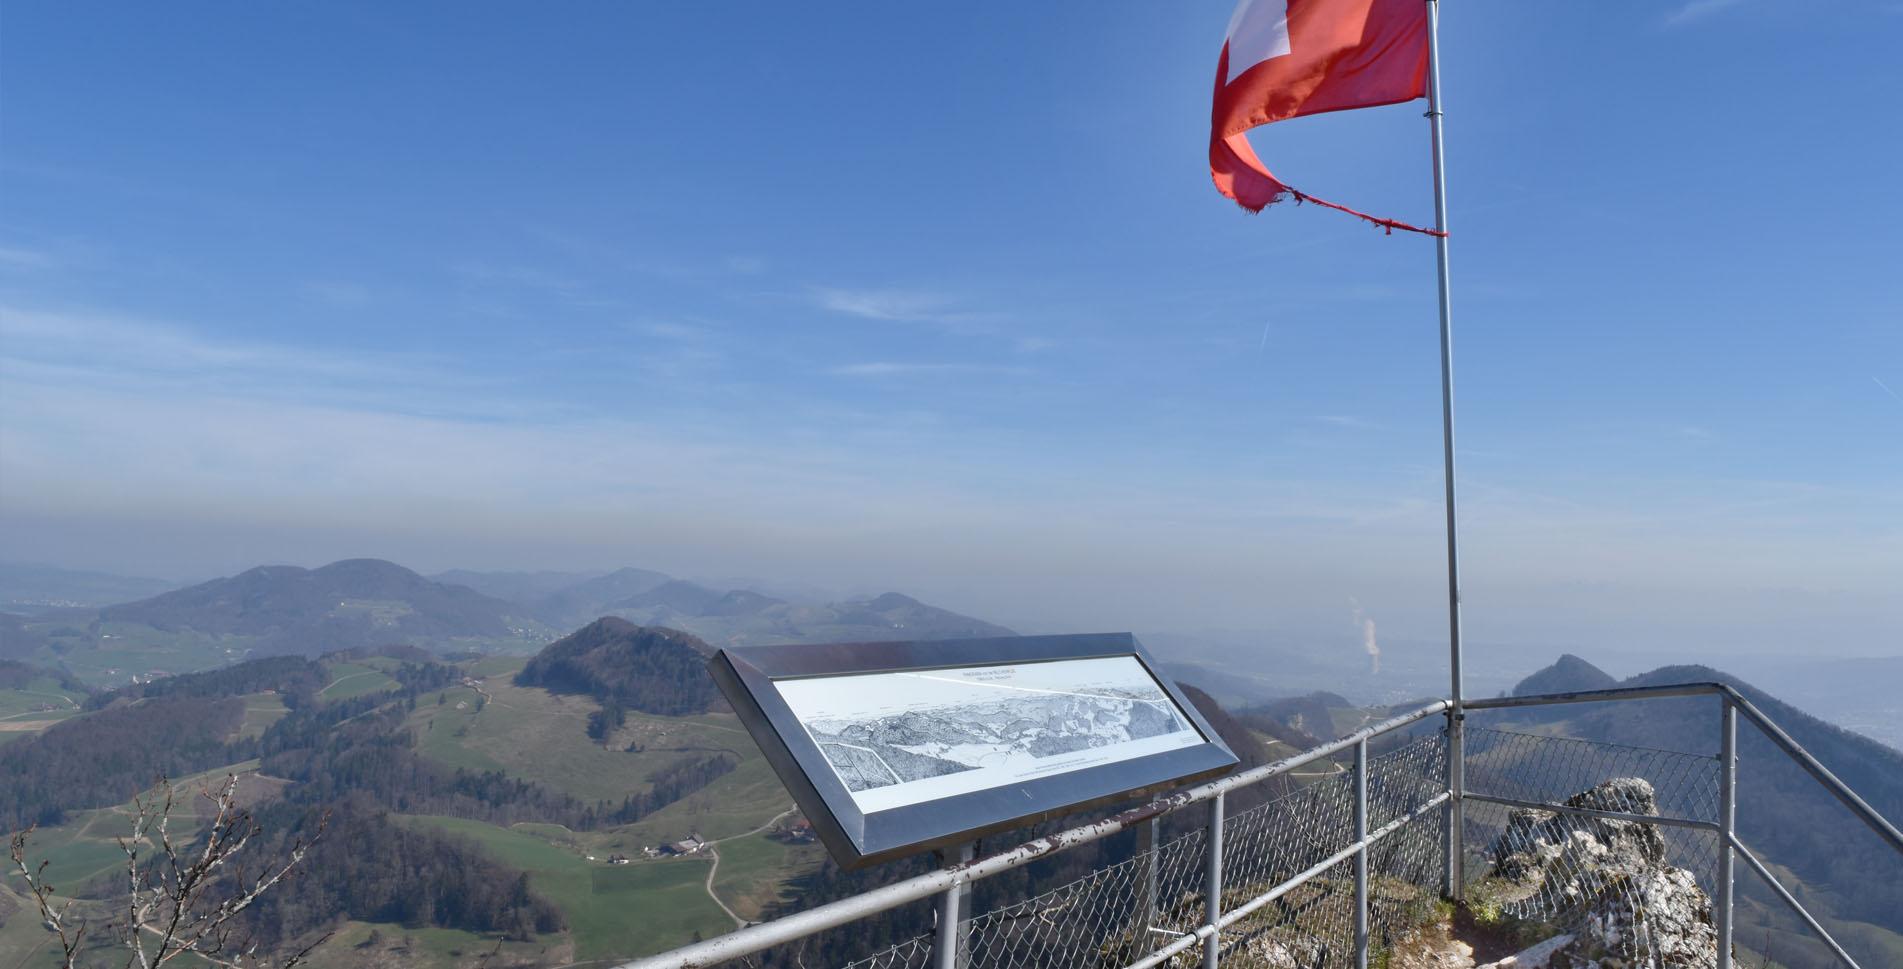 Wanderung auf die Belchenflue und durch die mystische Tüfelsschlucht von Hauenstein bei Olten via Allerheiligenberg nach Hägendorf